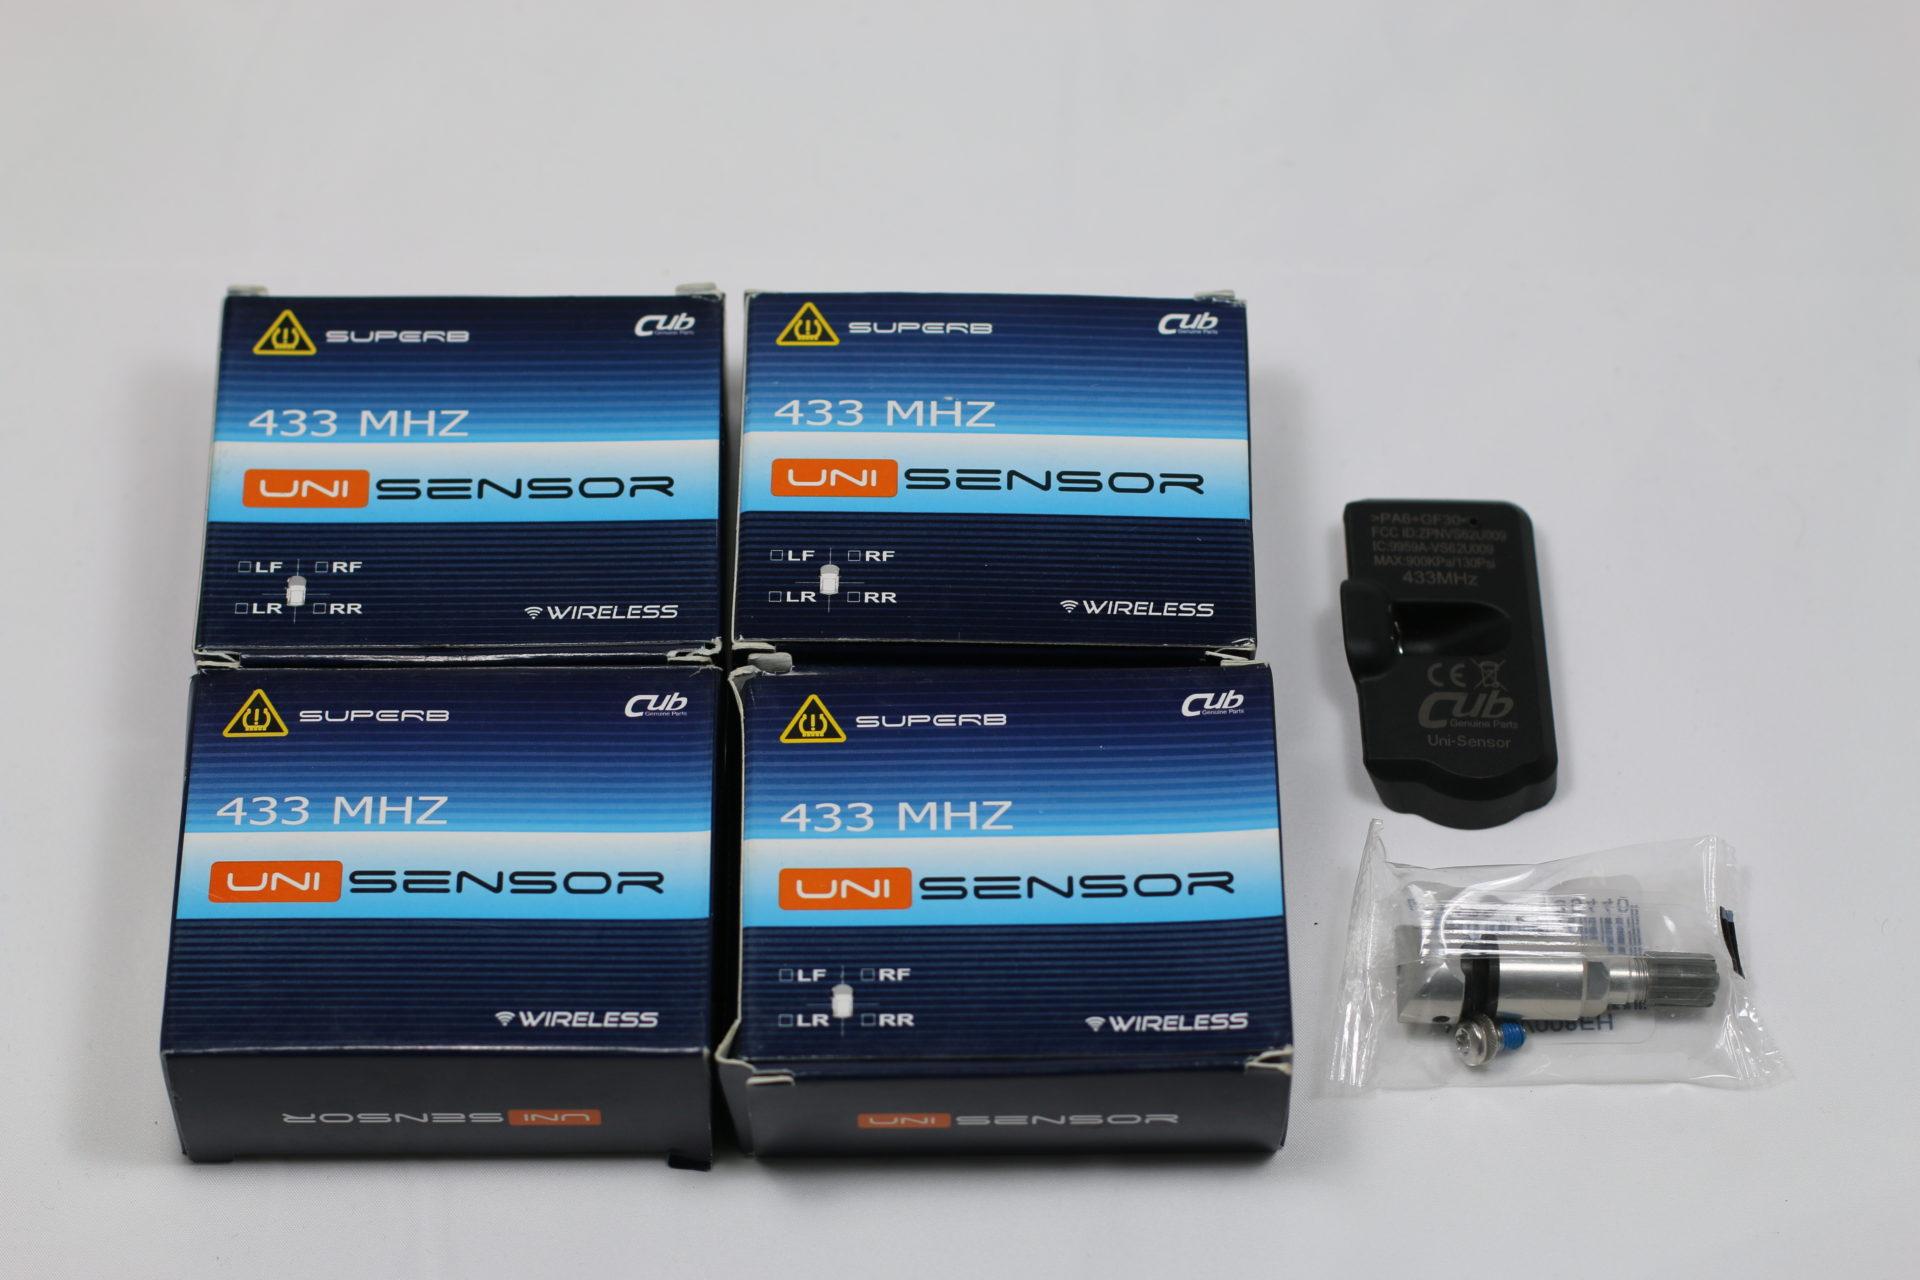 RDKS TMPS Sensor Greenspeed UniSensor CUB Aachen Deutschland kaufen